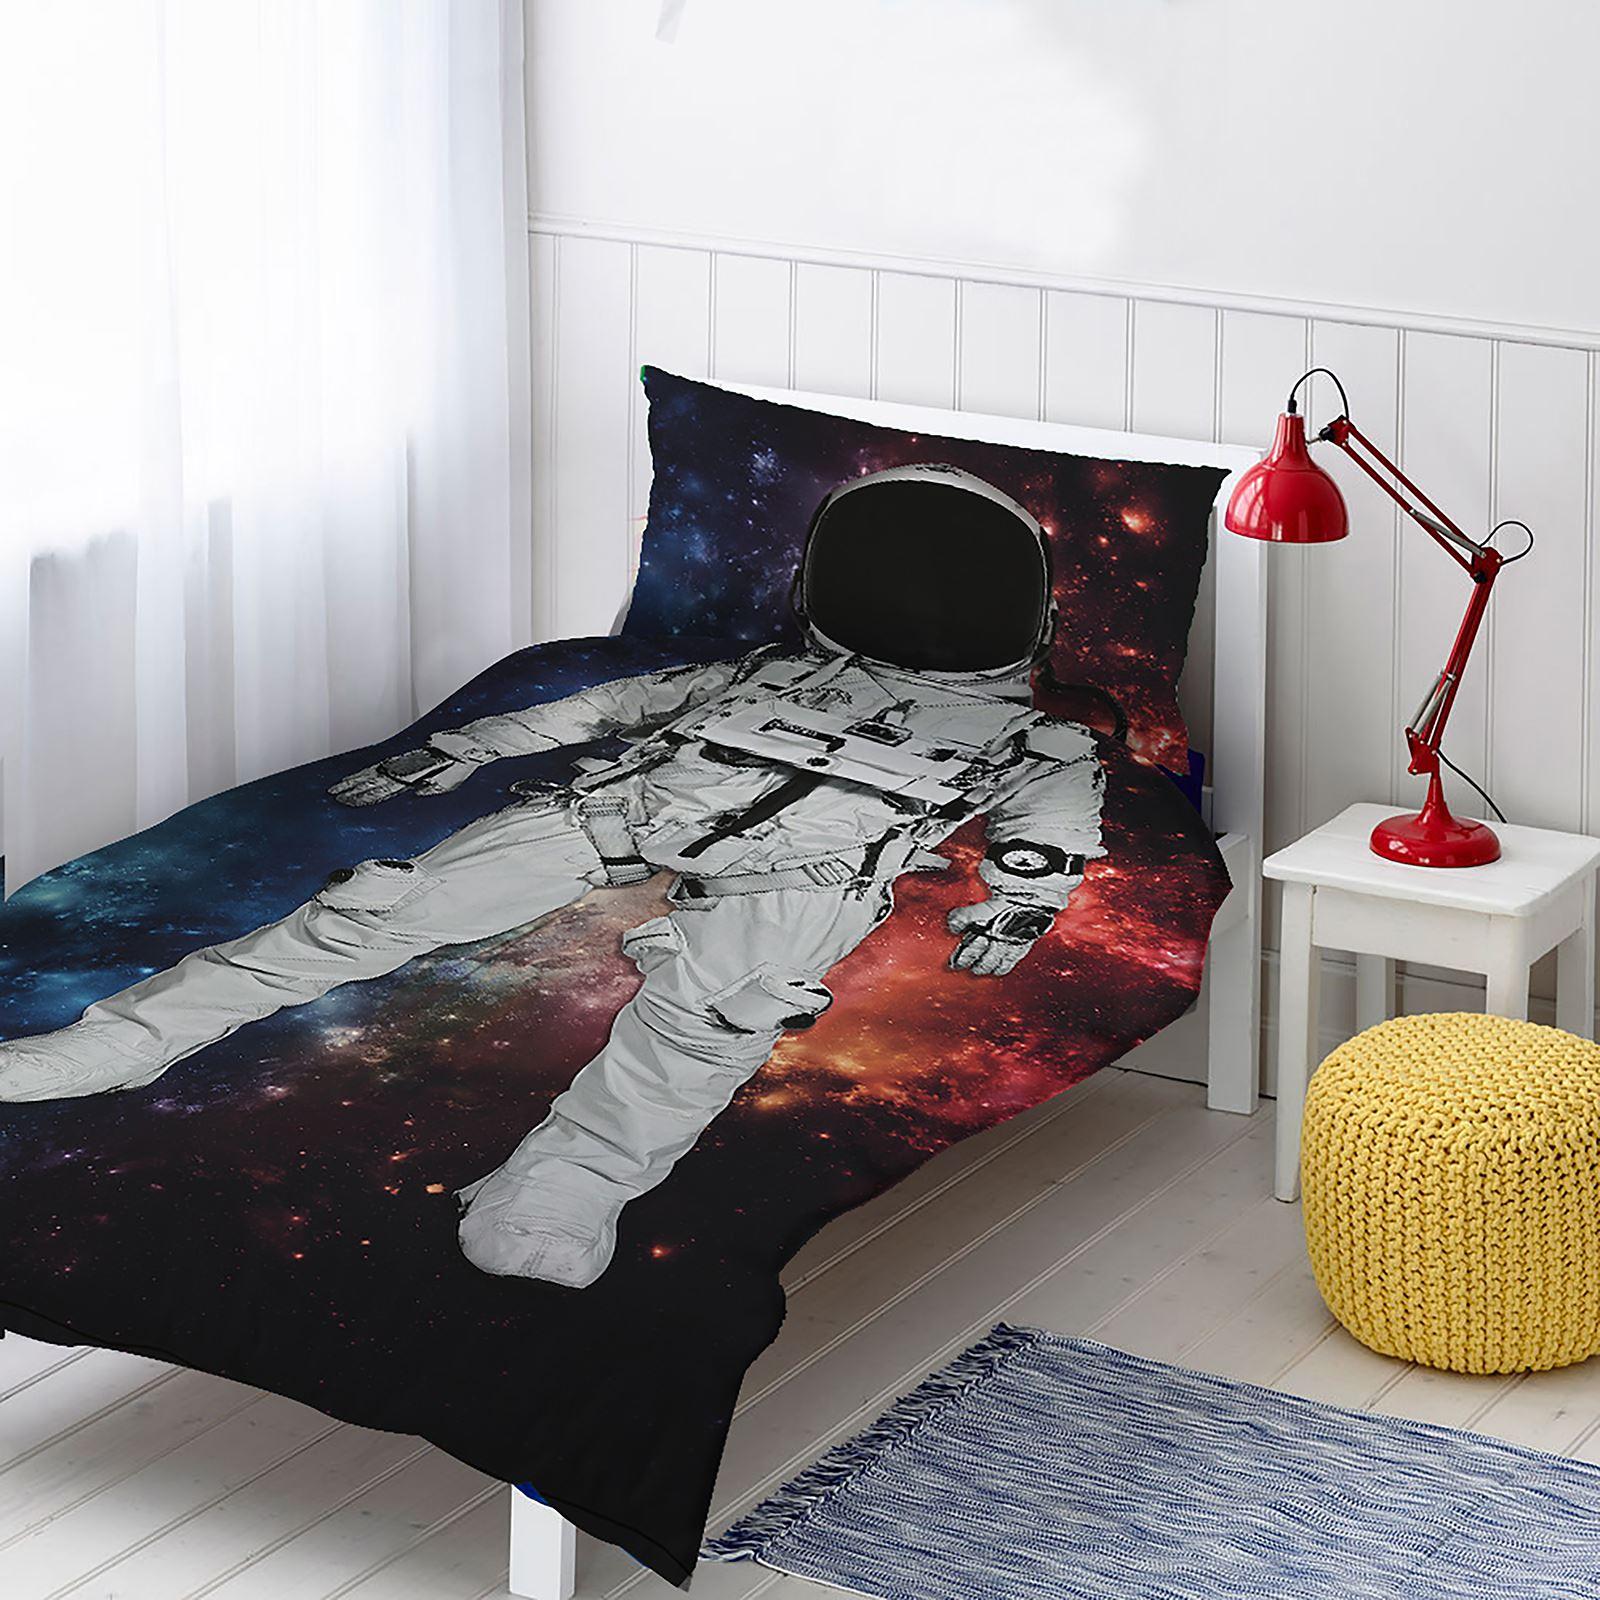 einzel bettw sche sets 100 baumwolle jungen m dchen. Black Bedroom Furniture Sets. Home Design Ideas